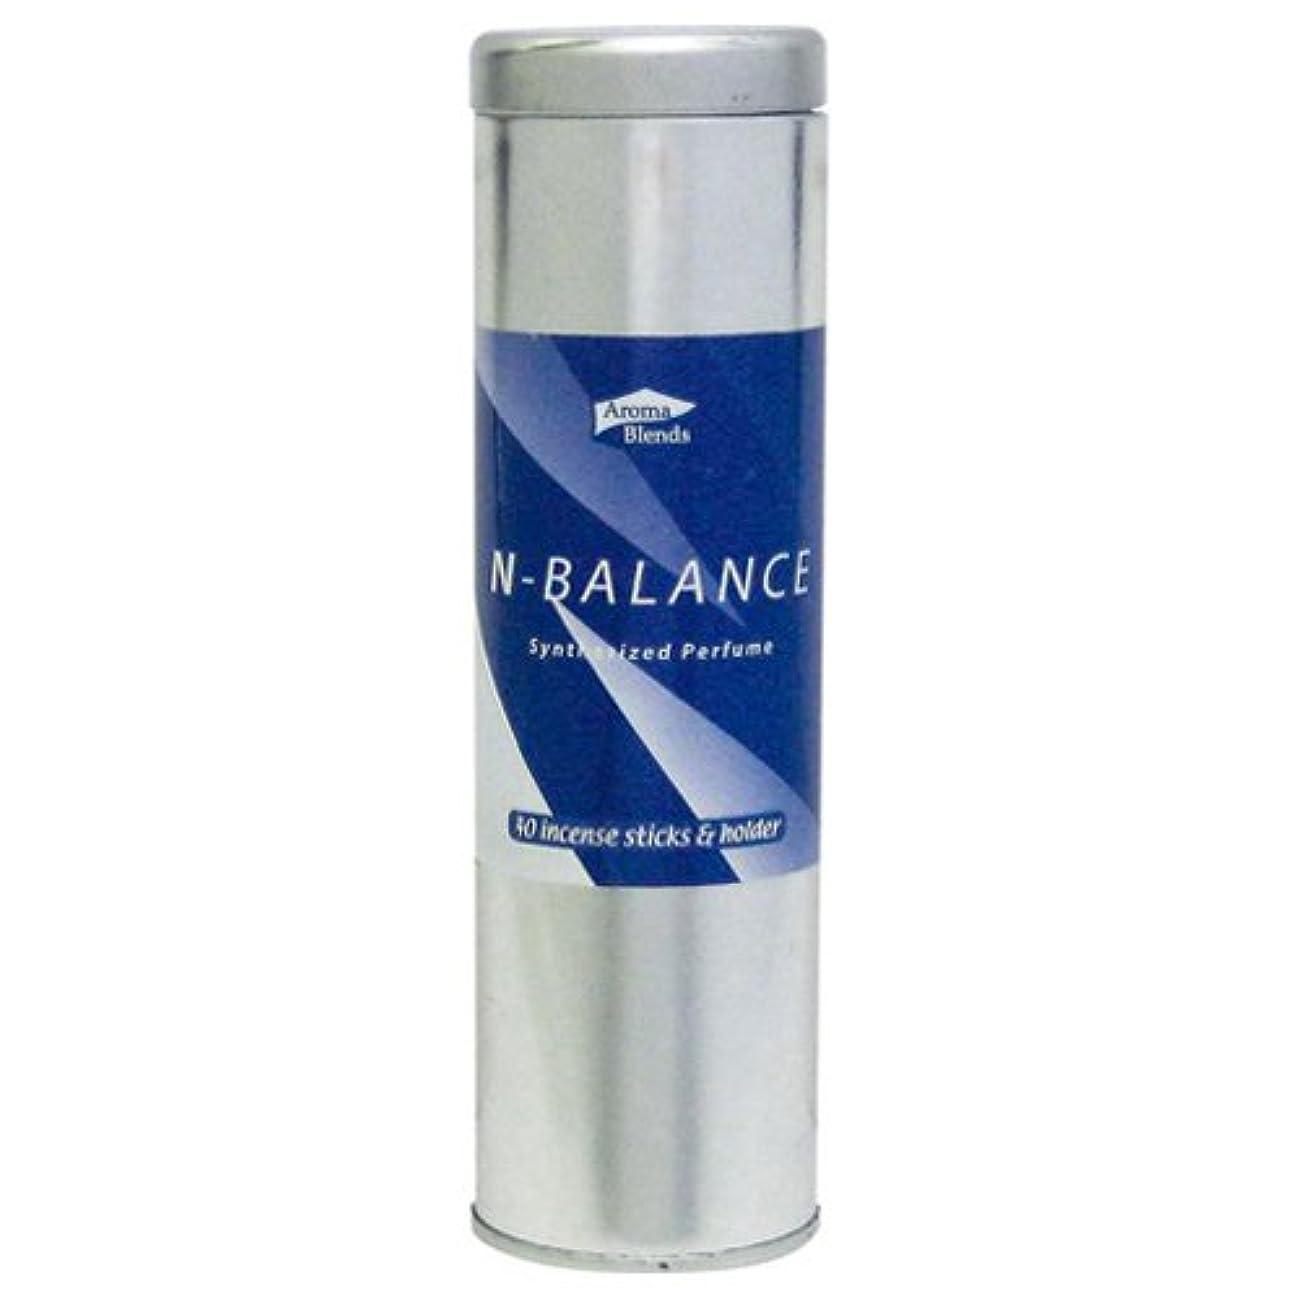 先駆者腐食する水AB-CIS-4 シンセサイズドパフューム アロマブレンド 缶インセンススティックセット 6個セット Nバランス